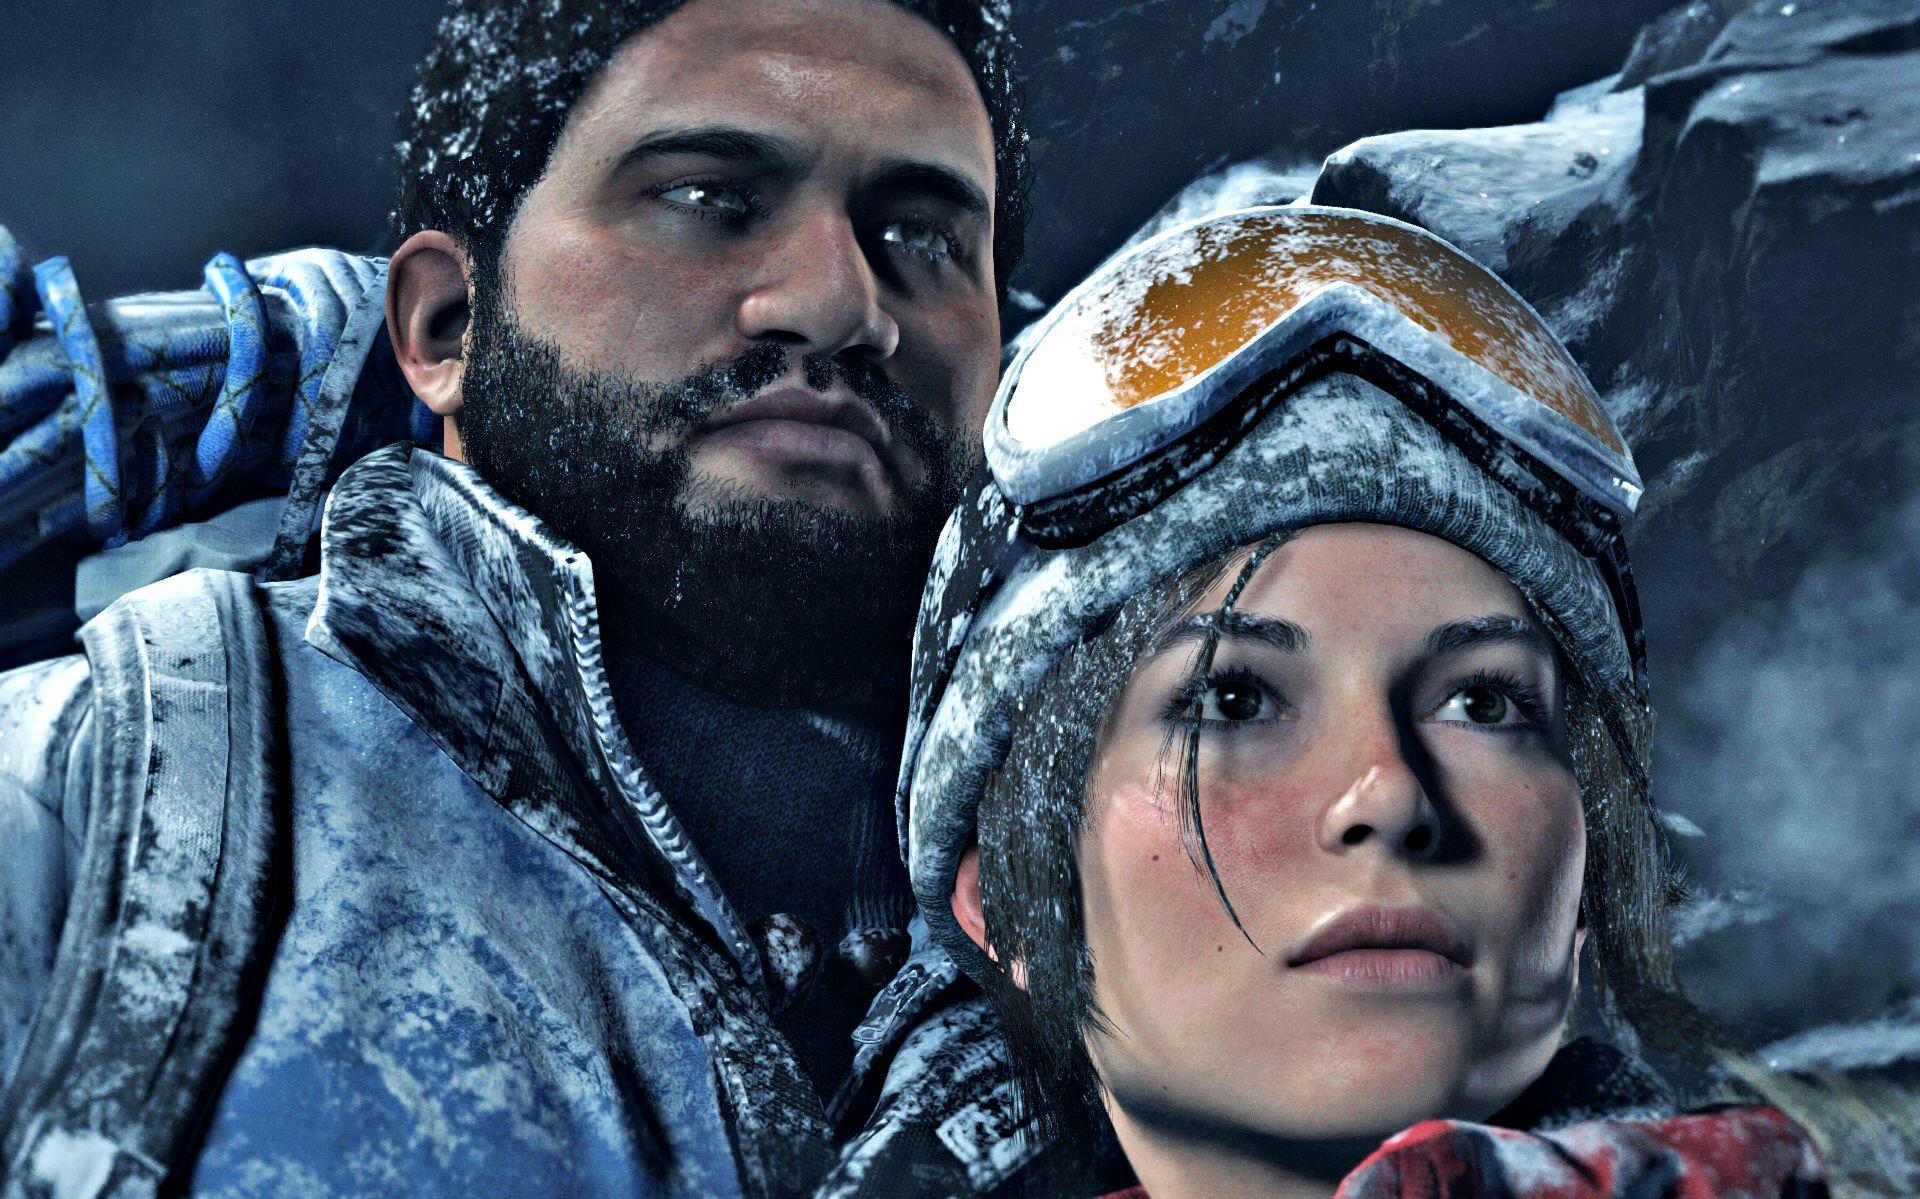 Rise of the Tomb Raider-in PC və PS4 üçün çıxış tarixləri bəlli oldu.